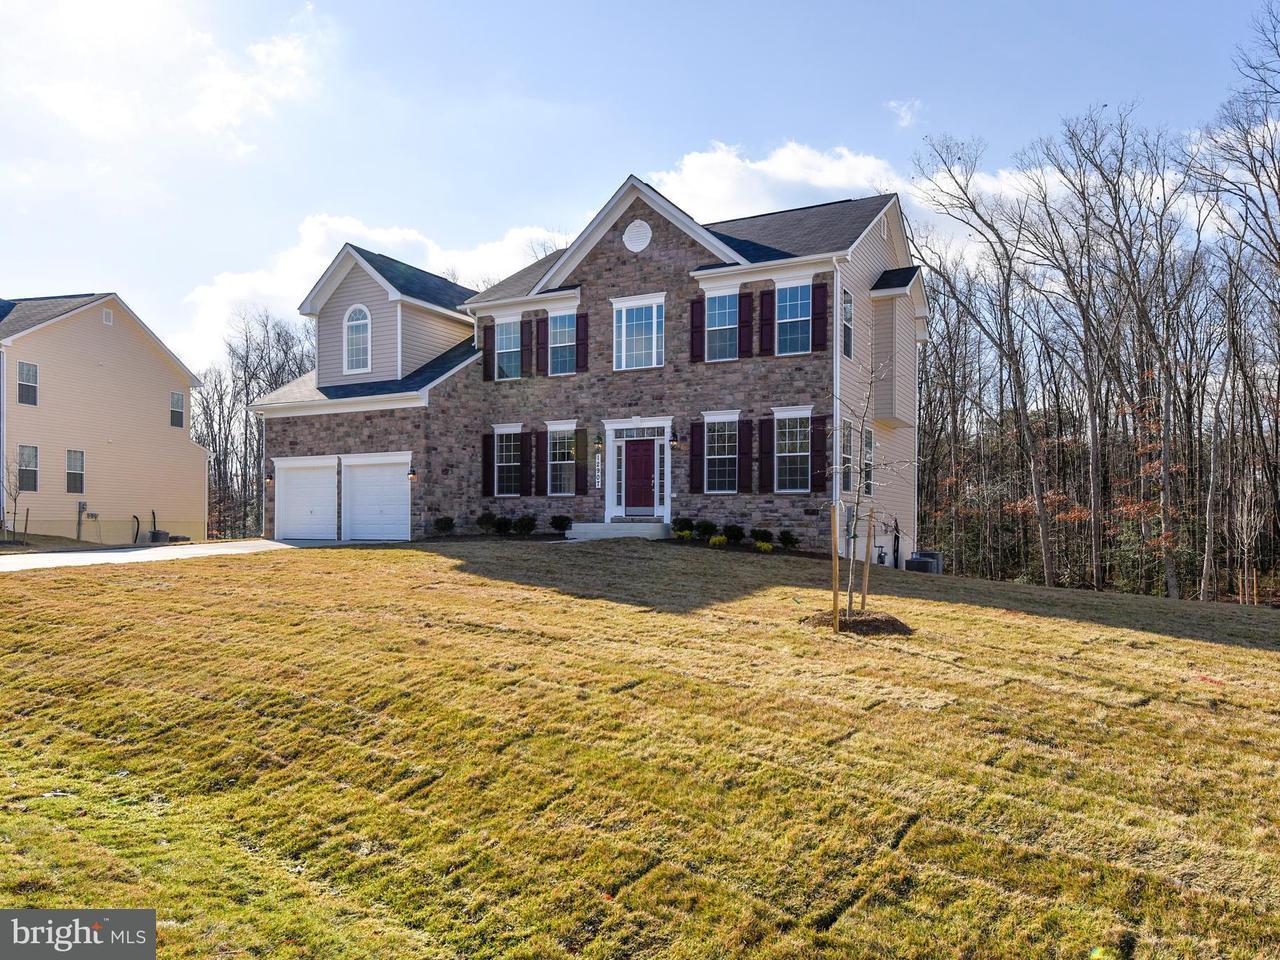 Maison unifamiliale pour l Vente à 12907 STEAM MILL FARM Drive 12907 STEAM MILL FARM Drive Brandywine, Maryland 20613 États-Unis